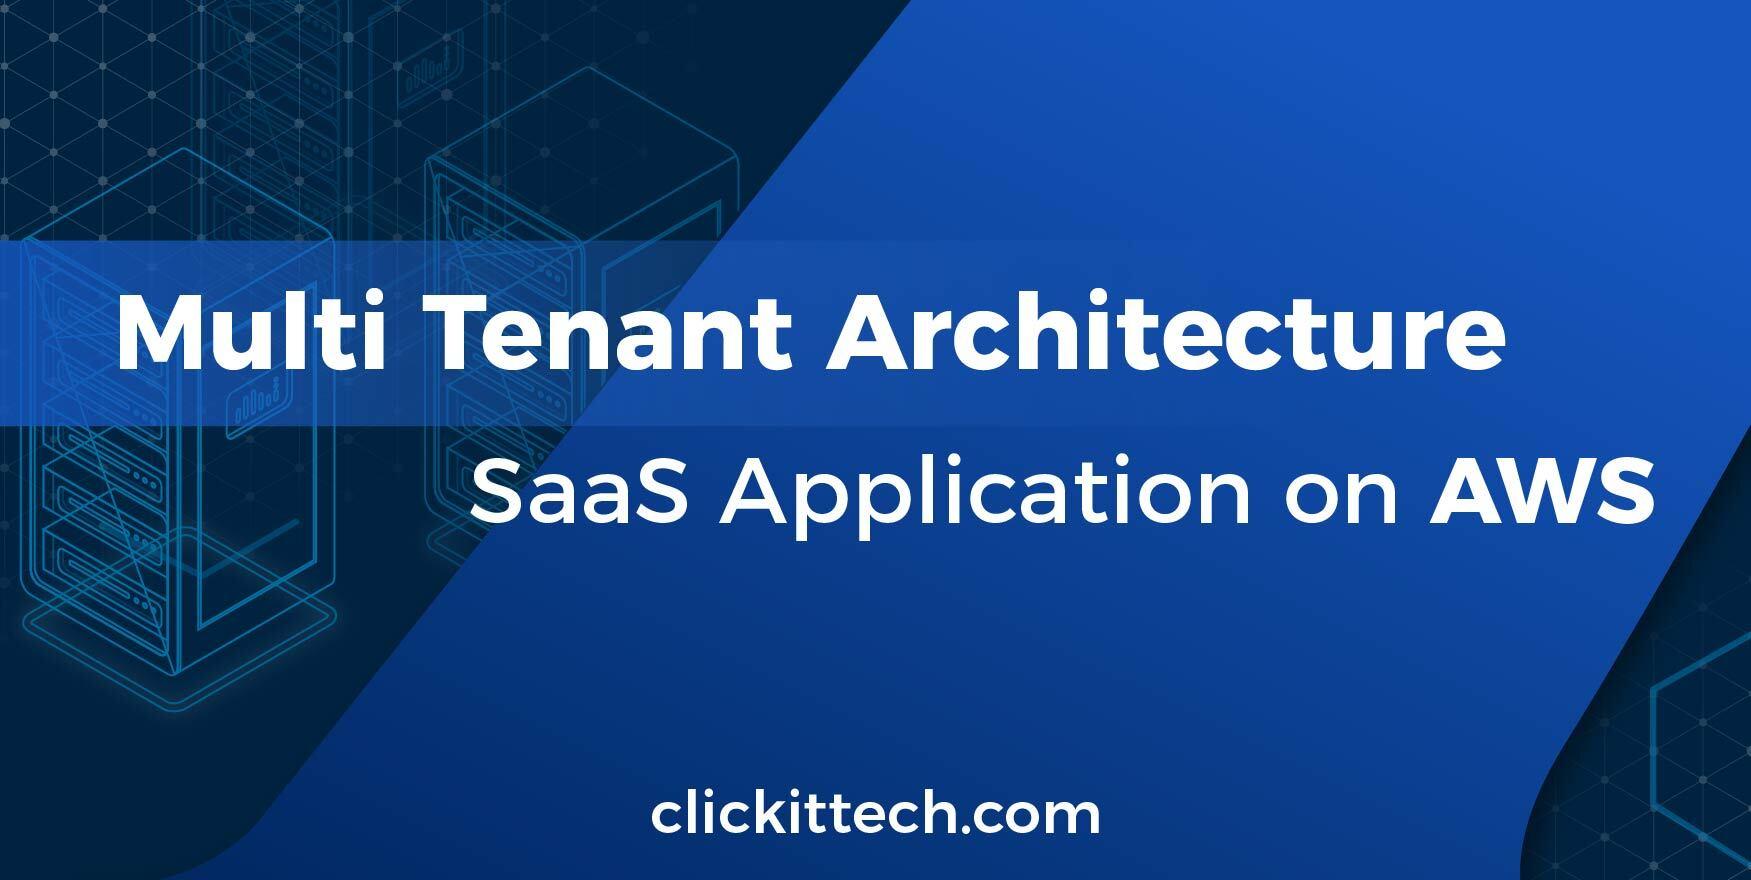 Multi tenant architecture